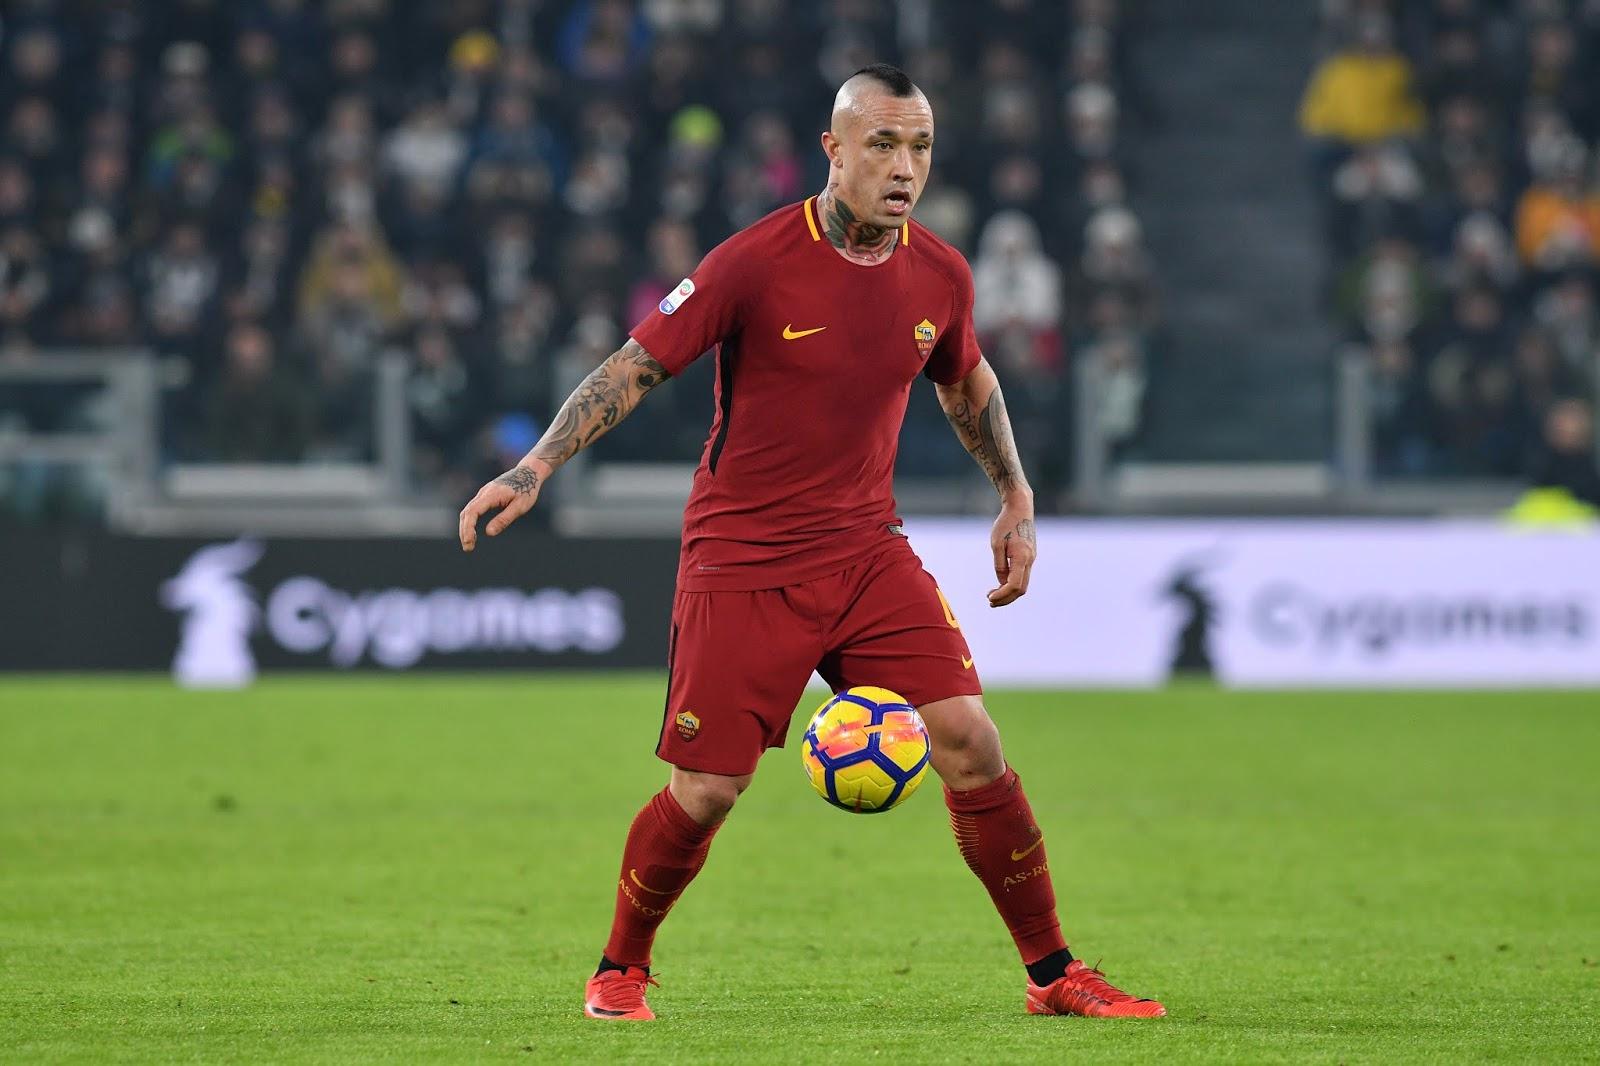 اتلانتا تفوز على روما بهدفين دون رد اليوم الأربعاء بتاريخ 25-09-2019 الدوري الايطالي